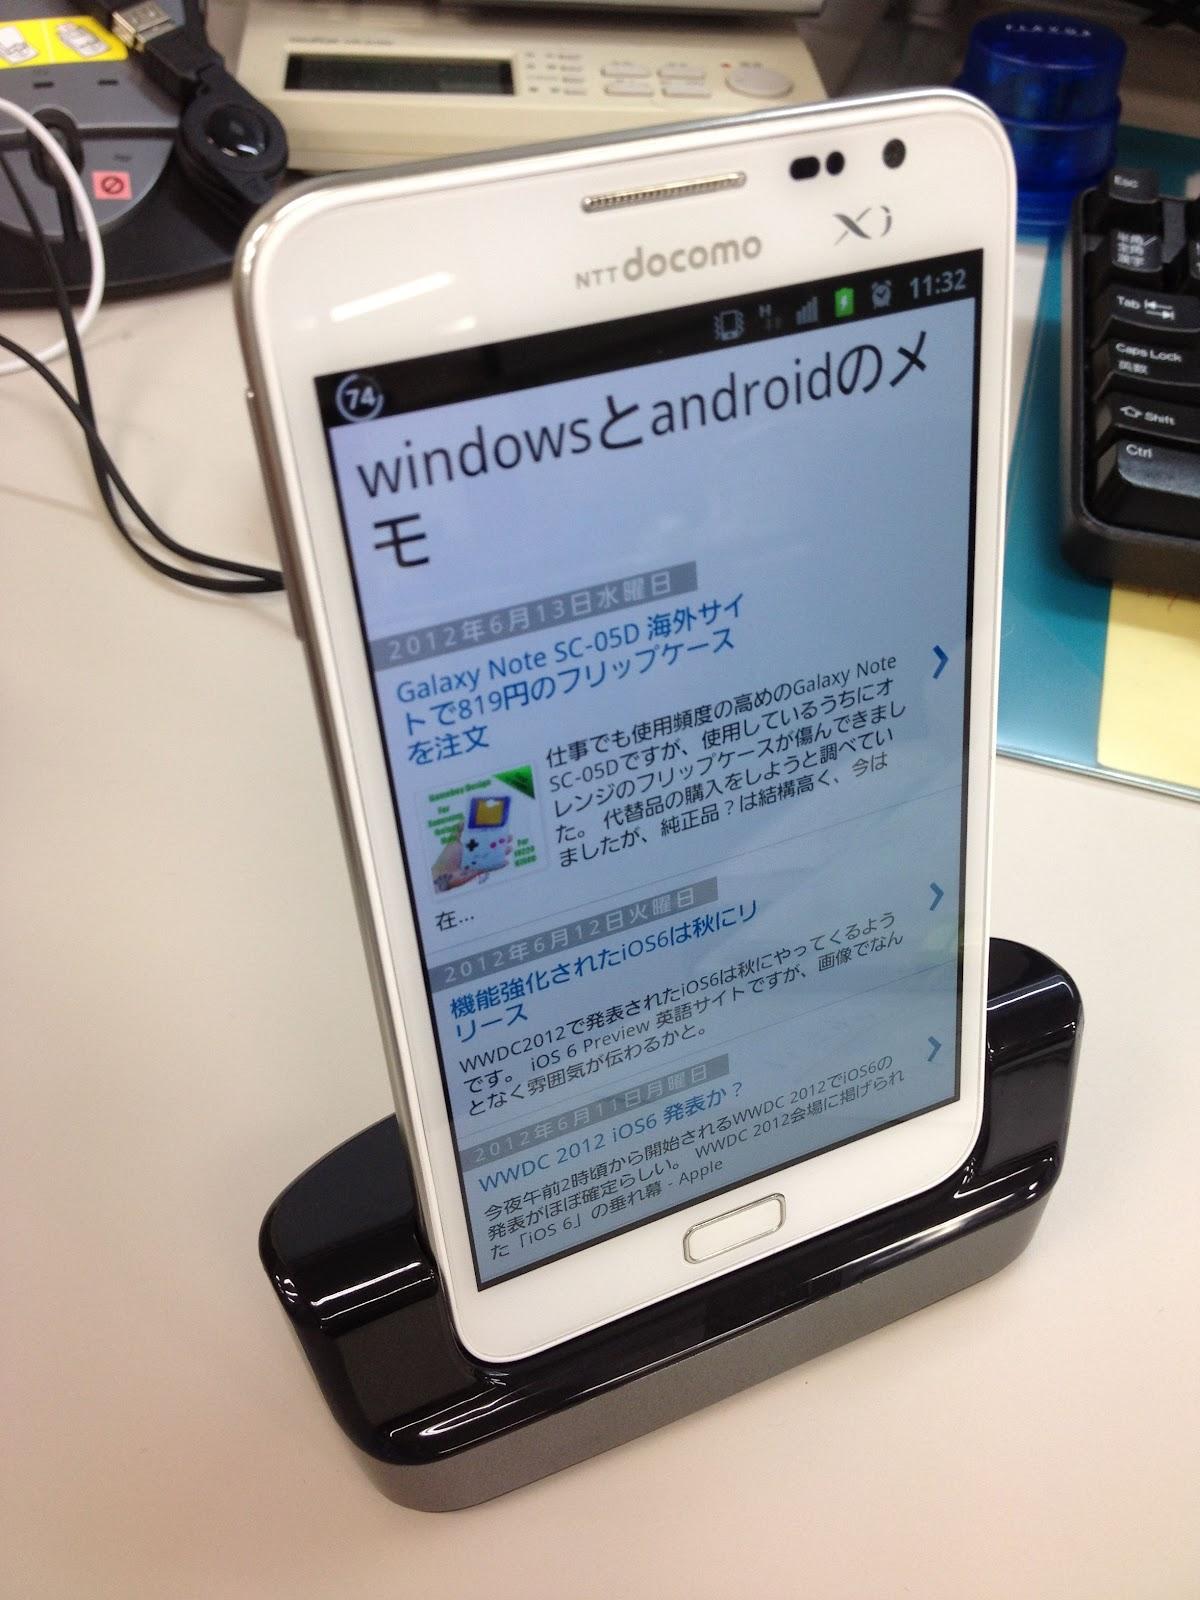 windowsとandroidのメモ blog: Galaxy Note SC-05D クレードル 購入